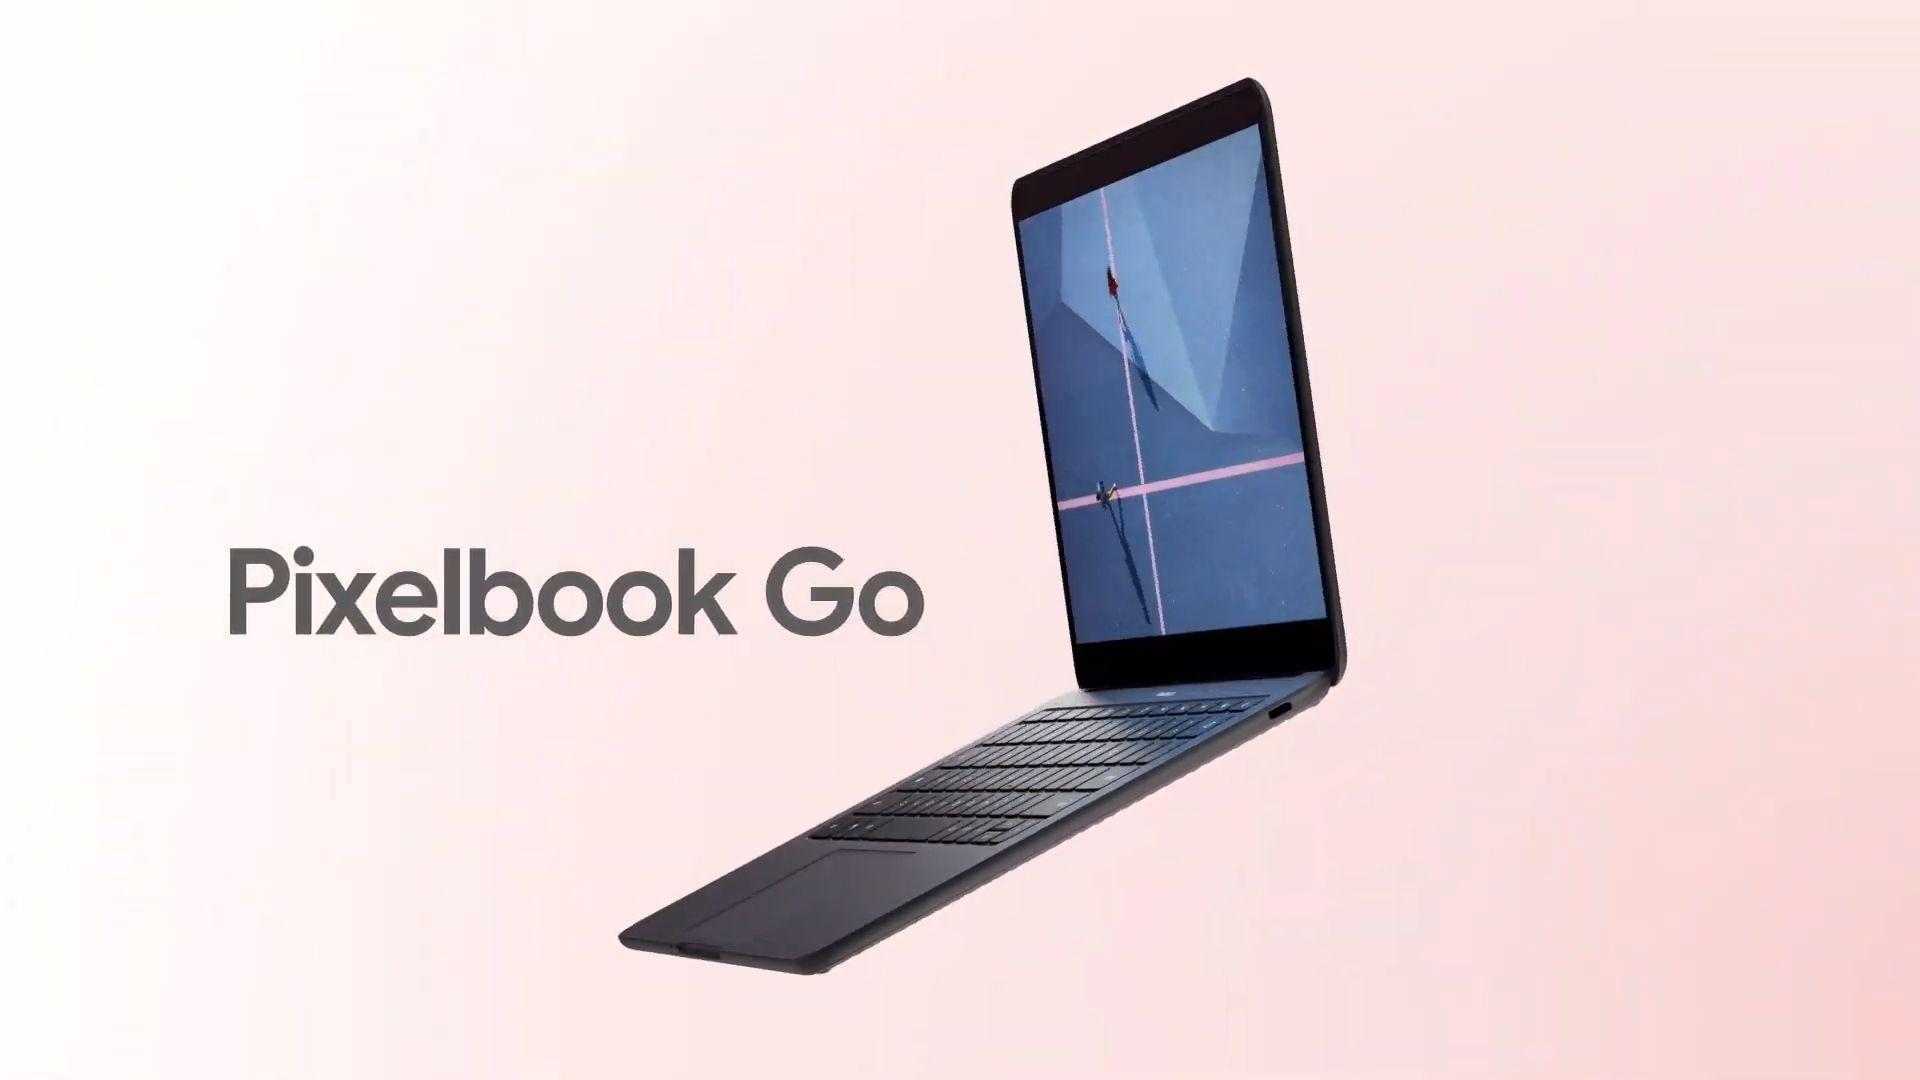 Pixelbook Go, presentato ufficialmente il nuovo notebook Google con Chrome OS